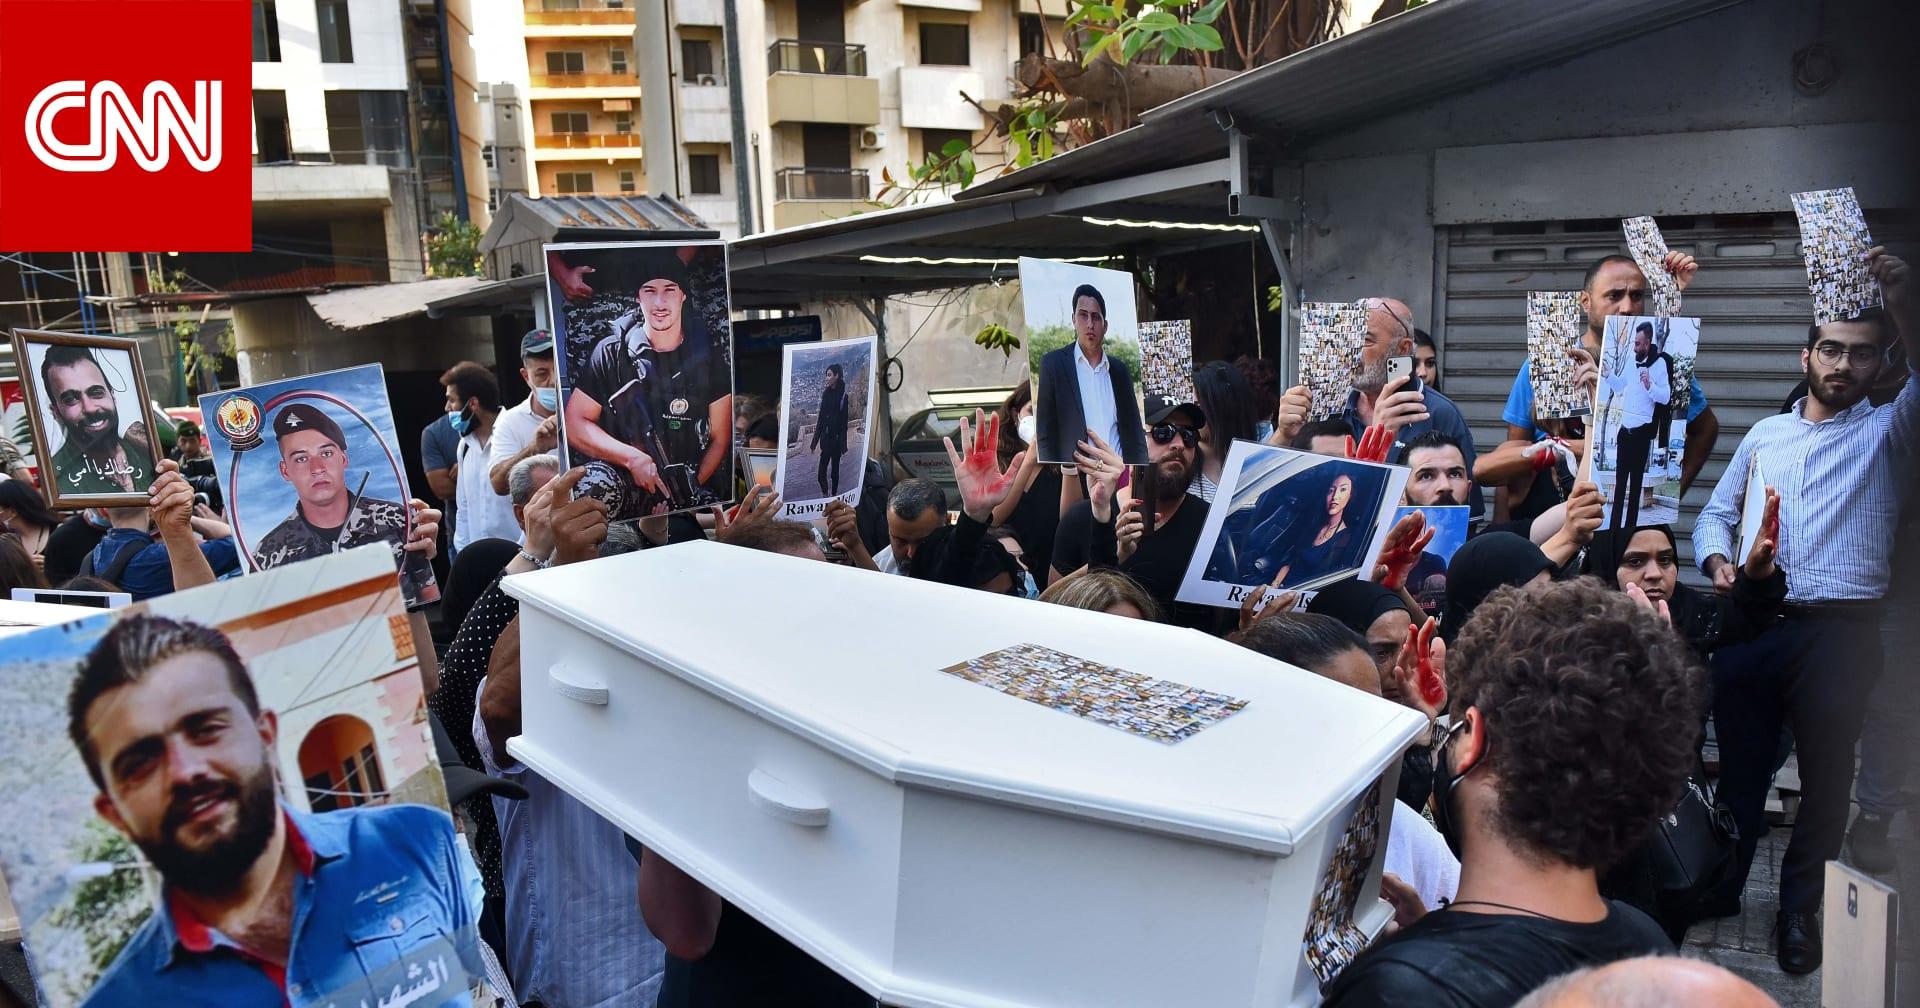 انفجار مرفأ بيروت: أهالي الضحايا يتظاهرون أمام منزل وزير الداخلية لرفع حصانة مسؤولين مطلوبين للتحقيق